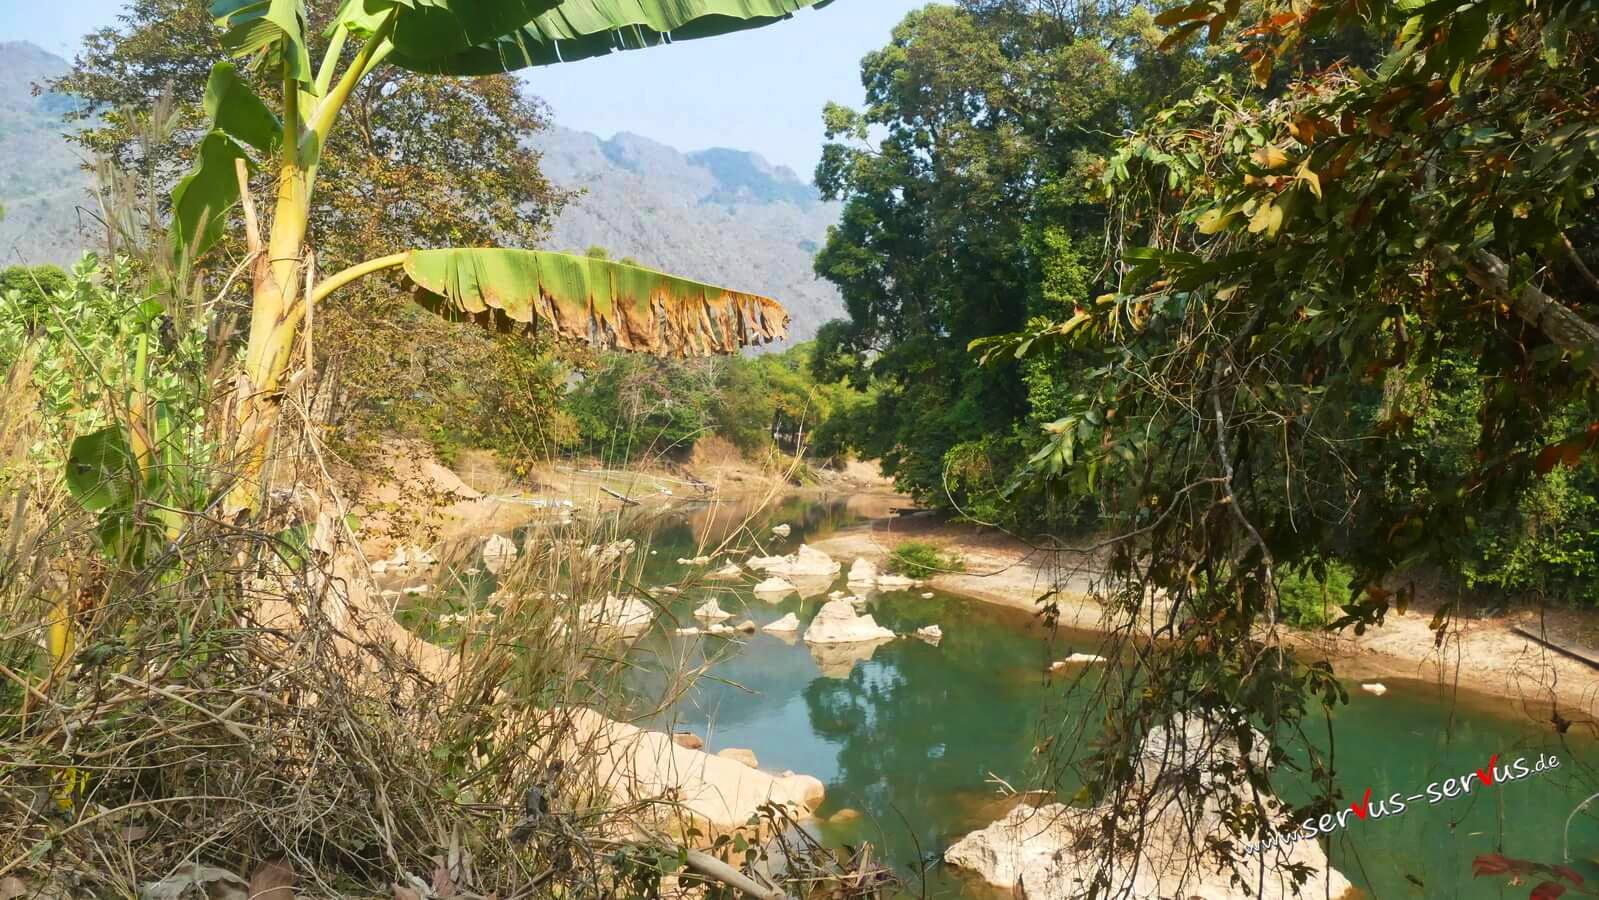 Blick auf den Fluß bei der Kong Lor Cave